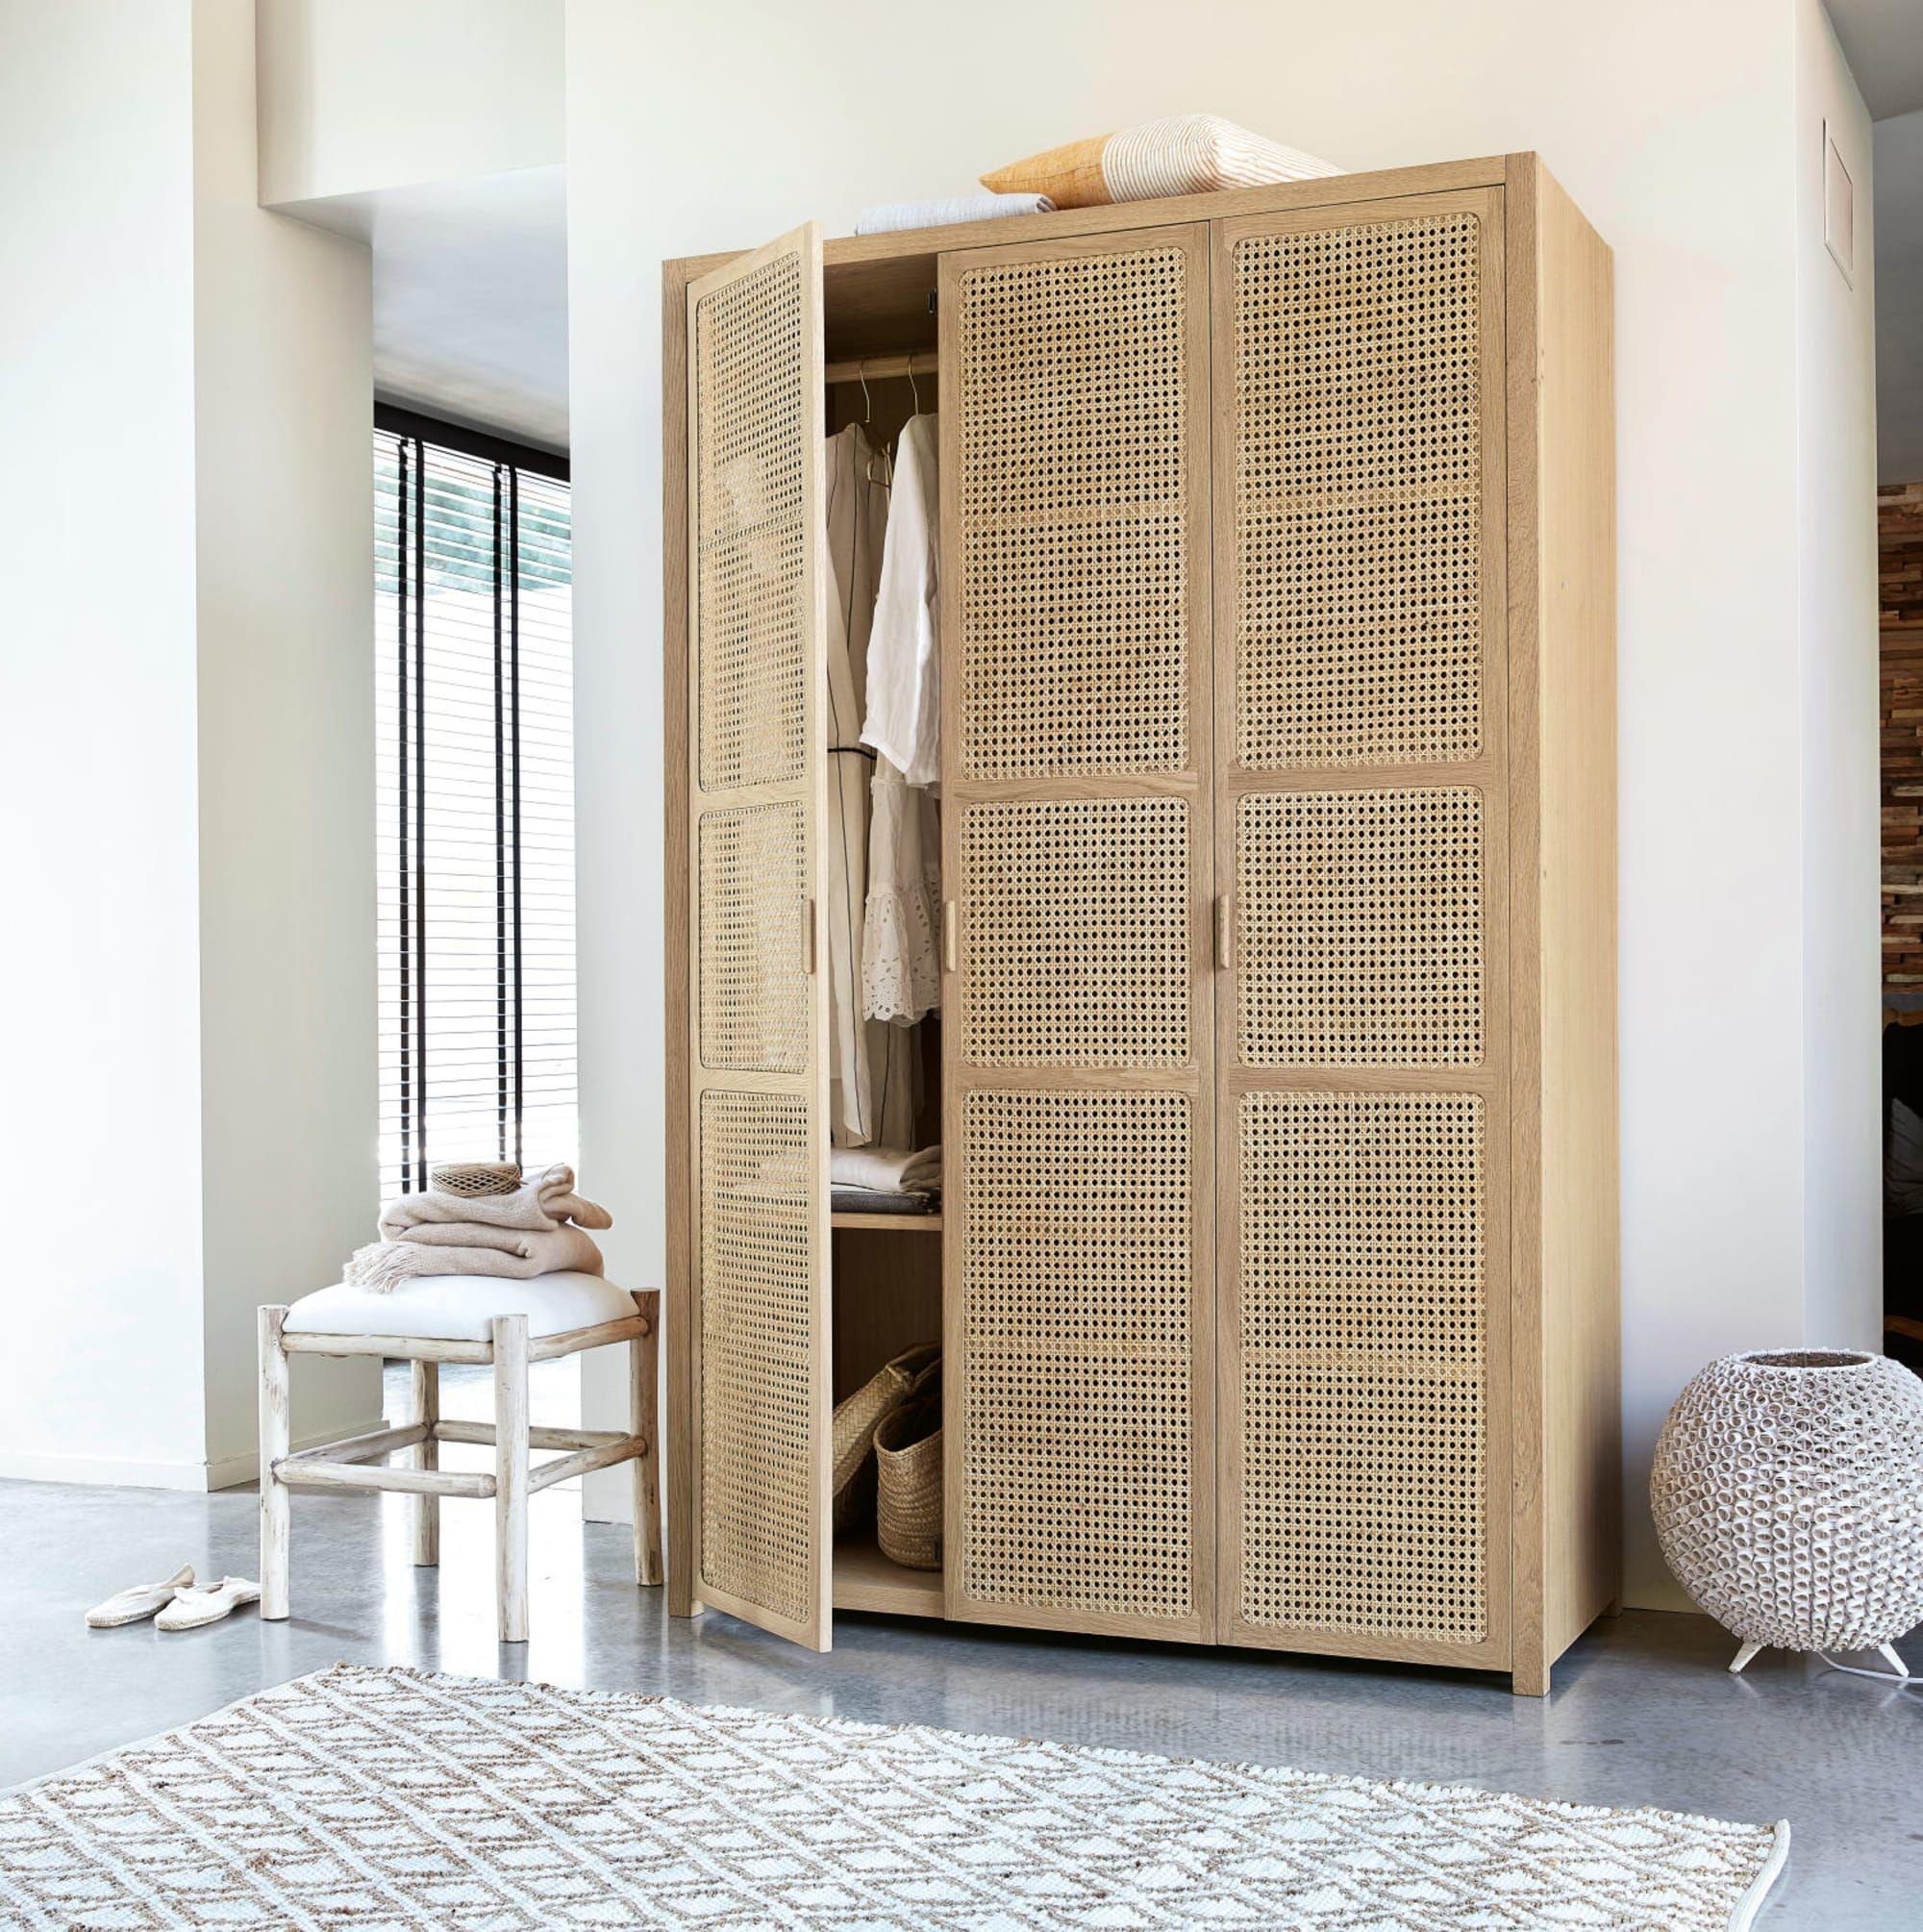 3 Door Wardrobe With Rattan Decoracion De Casas Pequenas